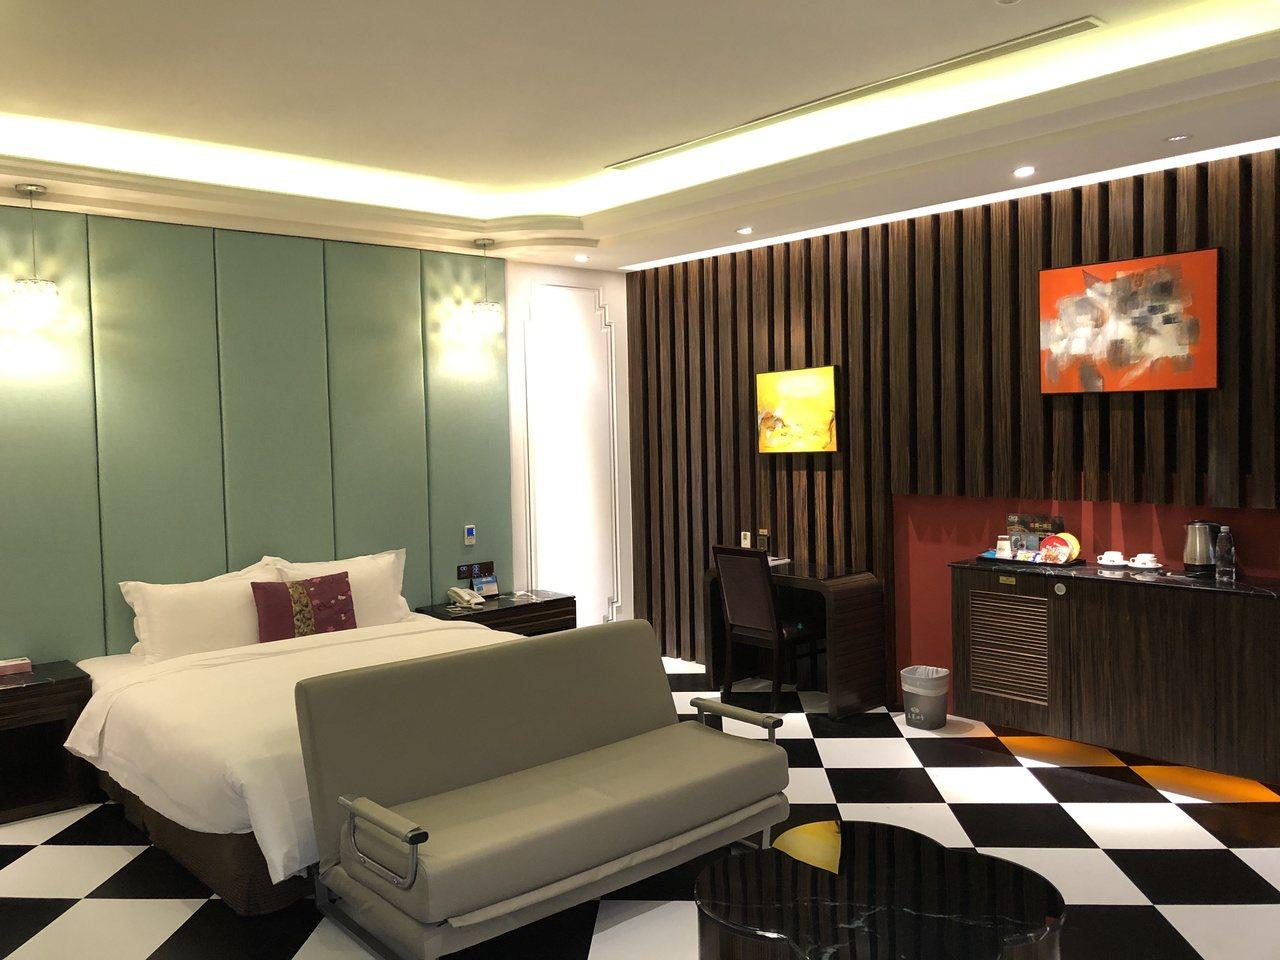 紀玉蓮旗下有11家汽車旅館,風格多樣化,要讓客人有新鮮感也放鬆身心。 圖/王慧瑛...